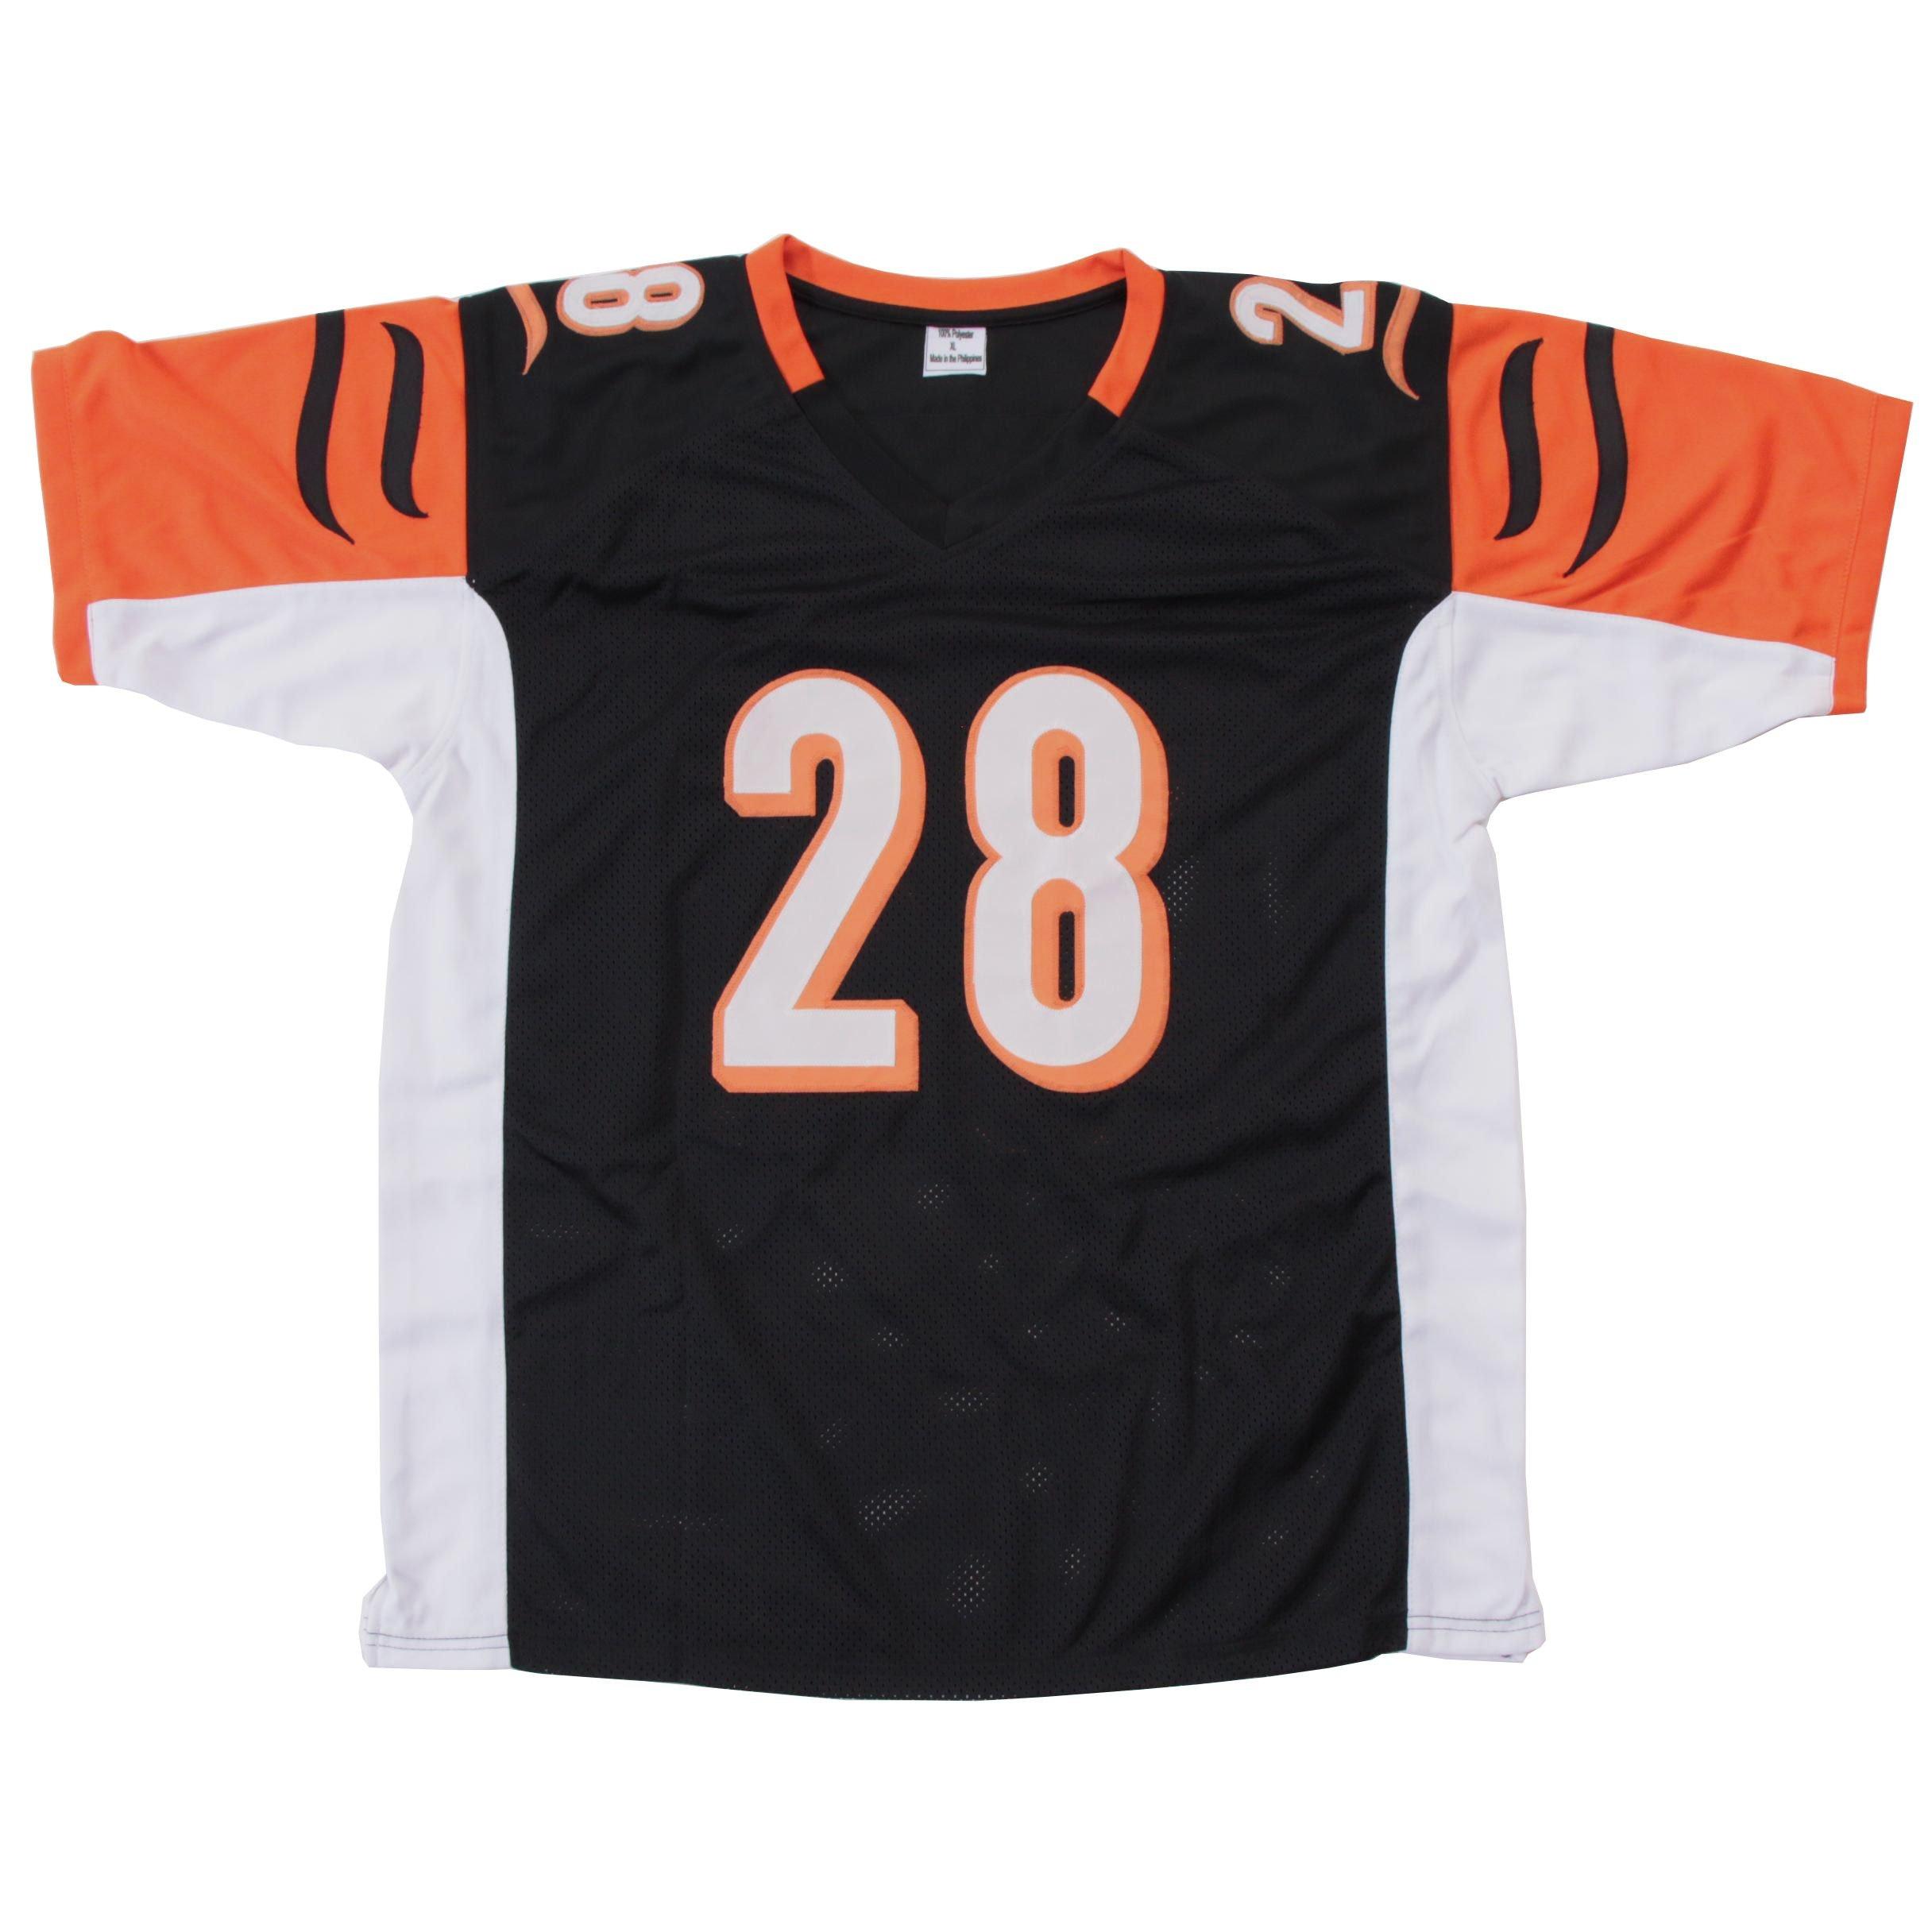 Joe Mixon Signed Cincinnati Bengals NFL Football Jersey JSA COA